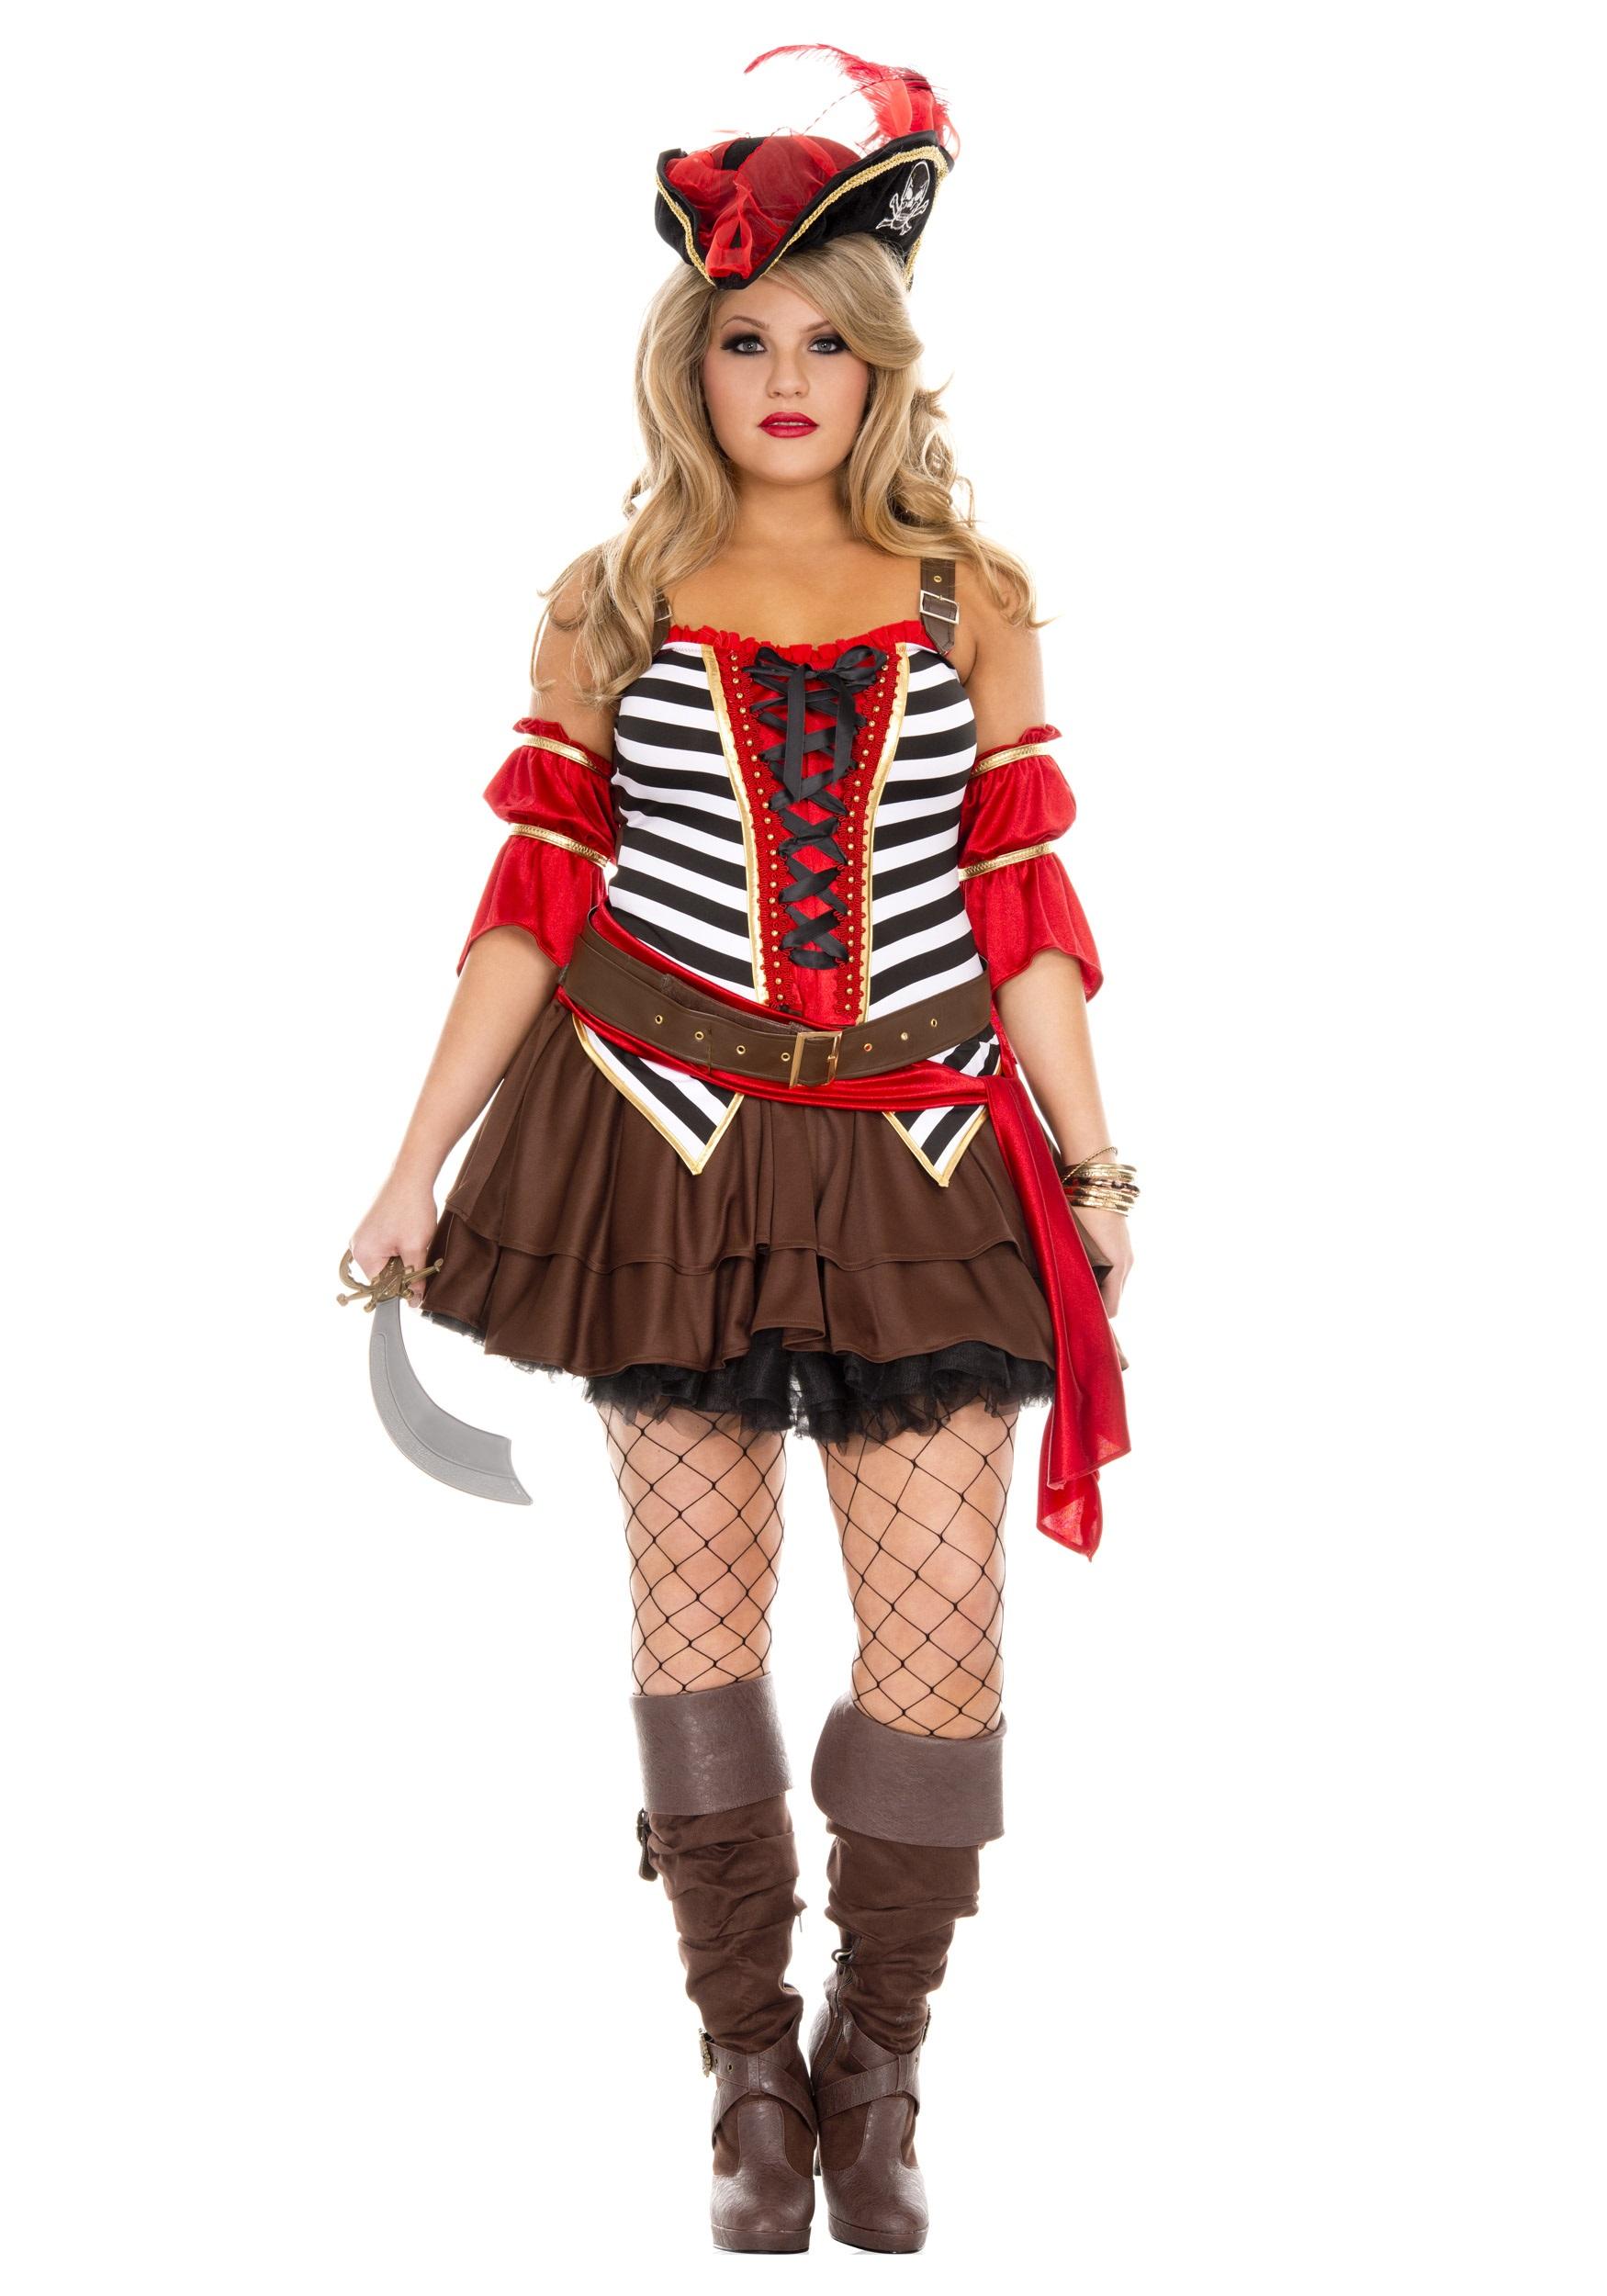 Plus Size Womenu0027s Private Pirate Costume  sc 1 st  Halloween Costumes & Plus Size Womenu0027s Private Pirate Costume - Halloween Costumes